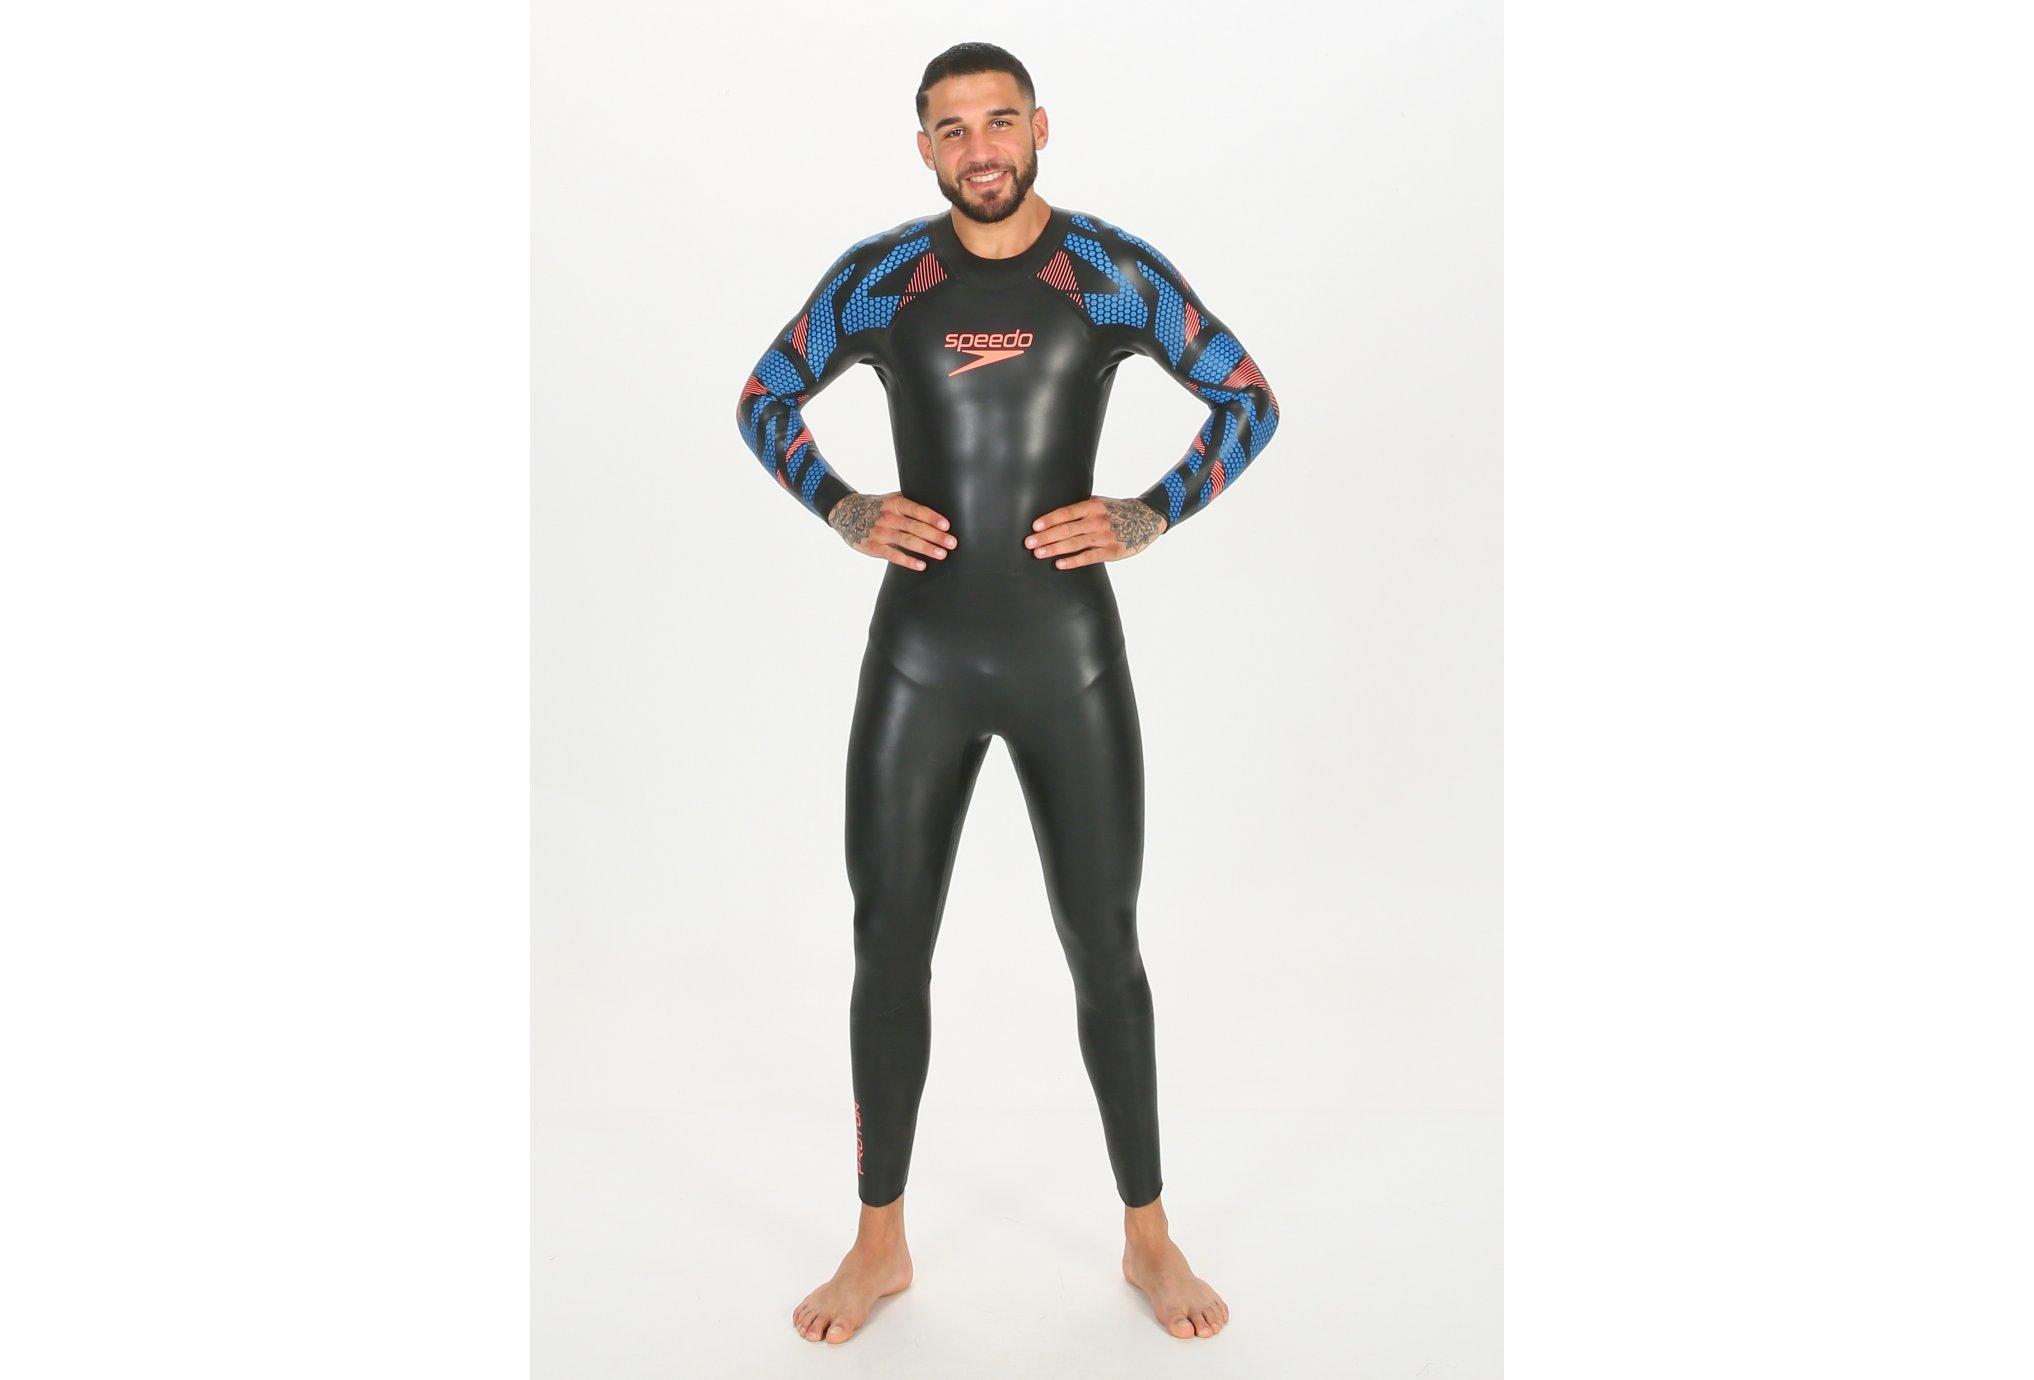 Speedo Proton Fullsuit M vêtement running homme